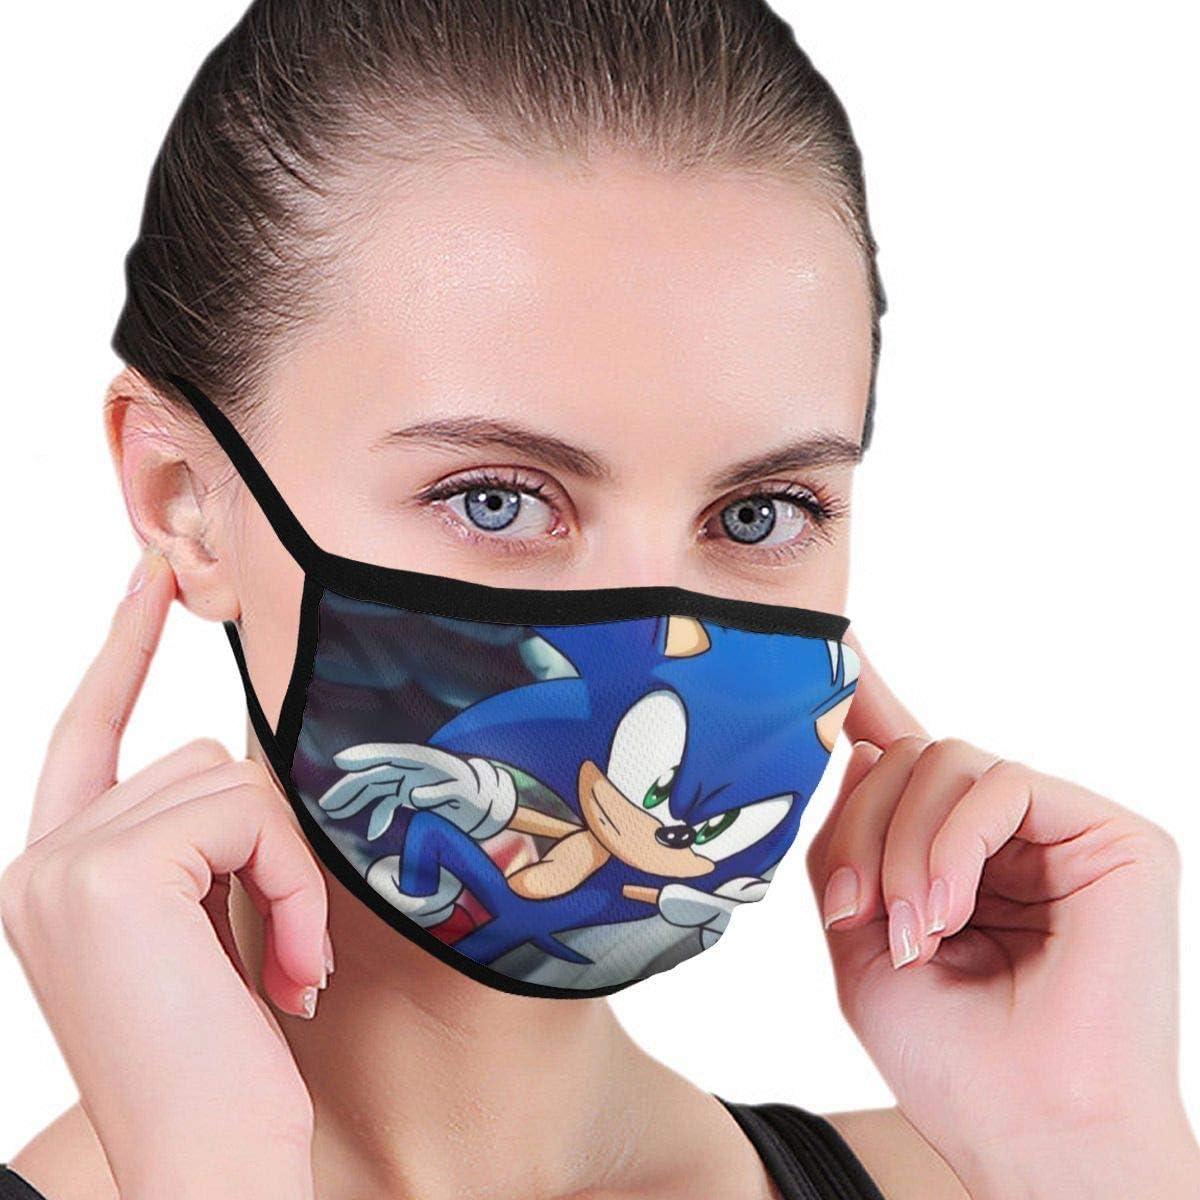 Sonic Super Smash Bros Fan Art mit Elasti Half Face Mundmaske Gesichtsmasken und Nasenabdeckung